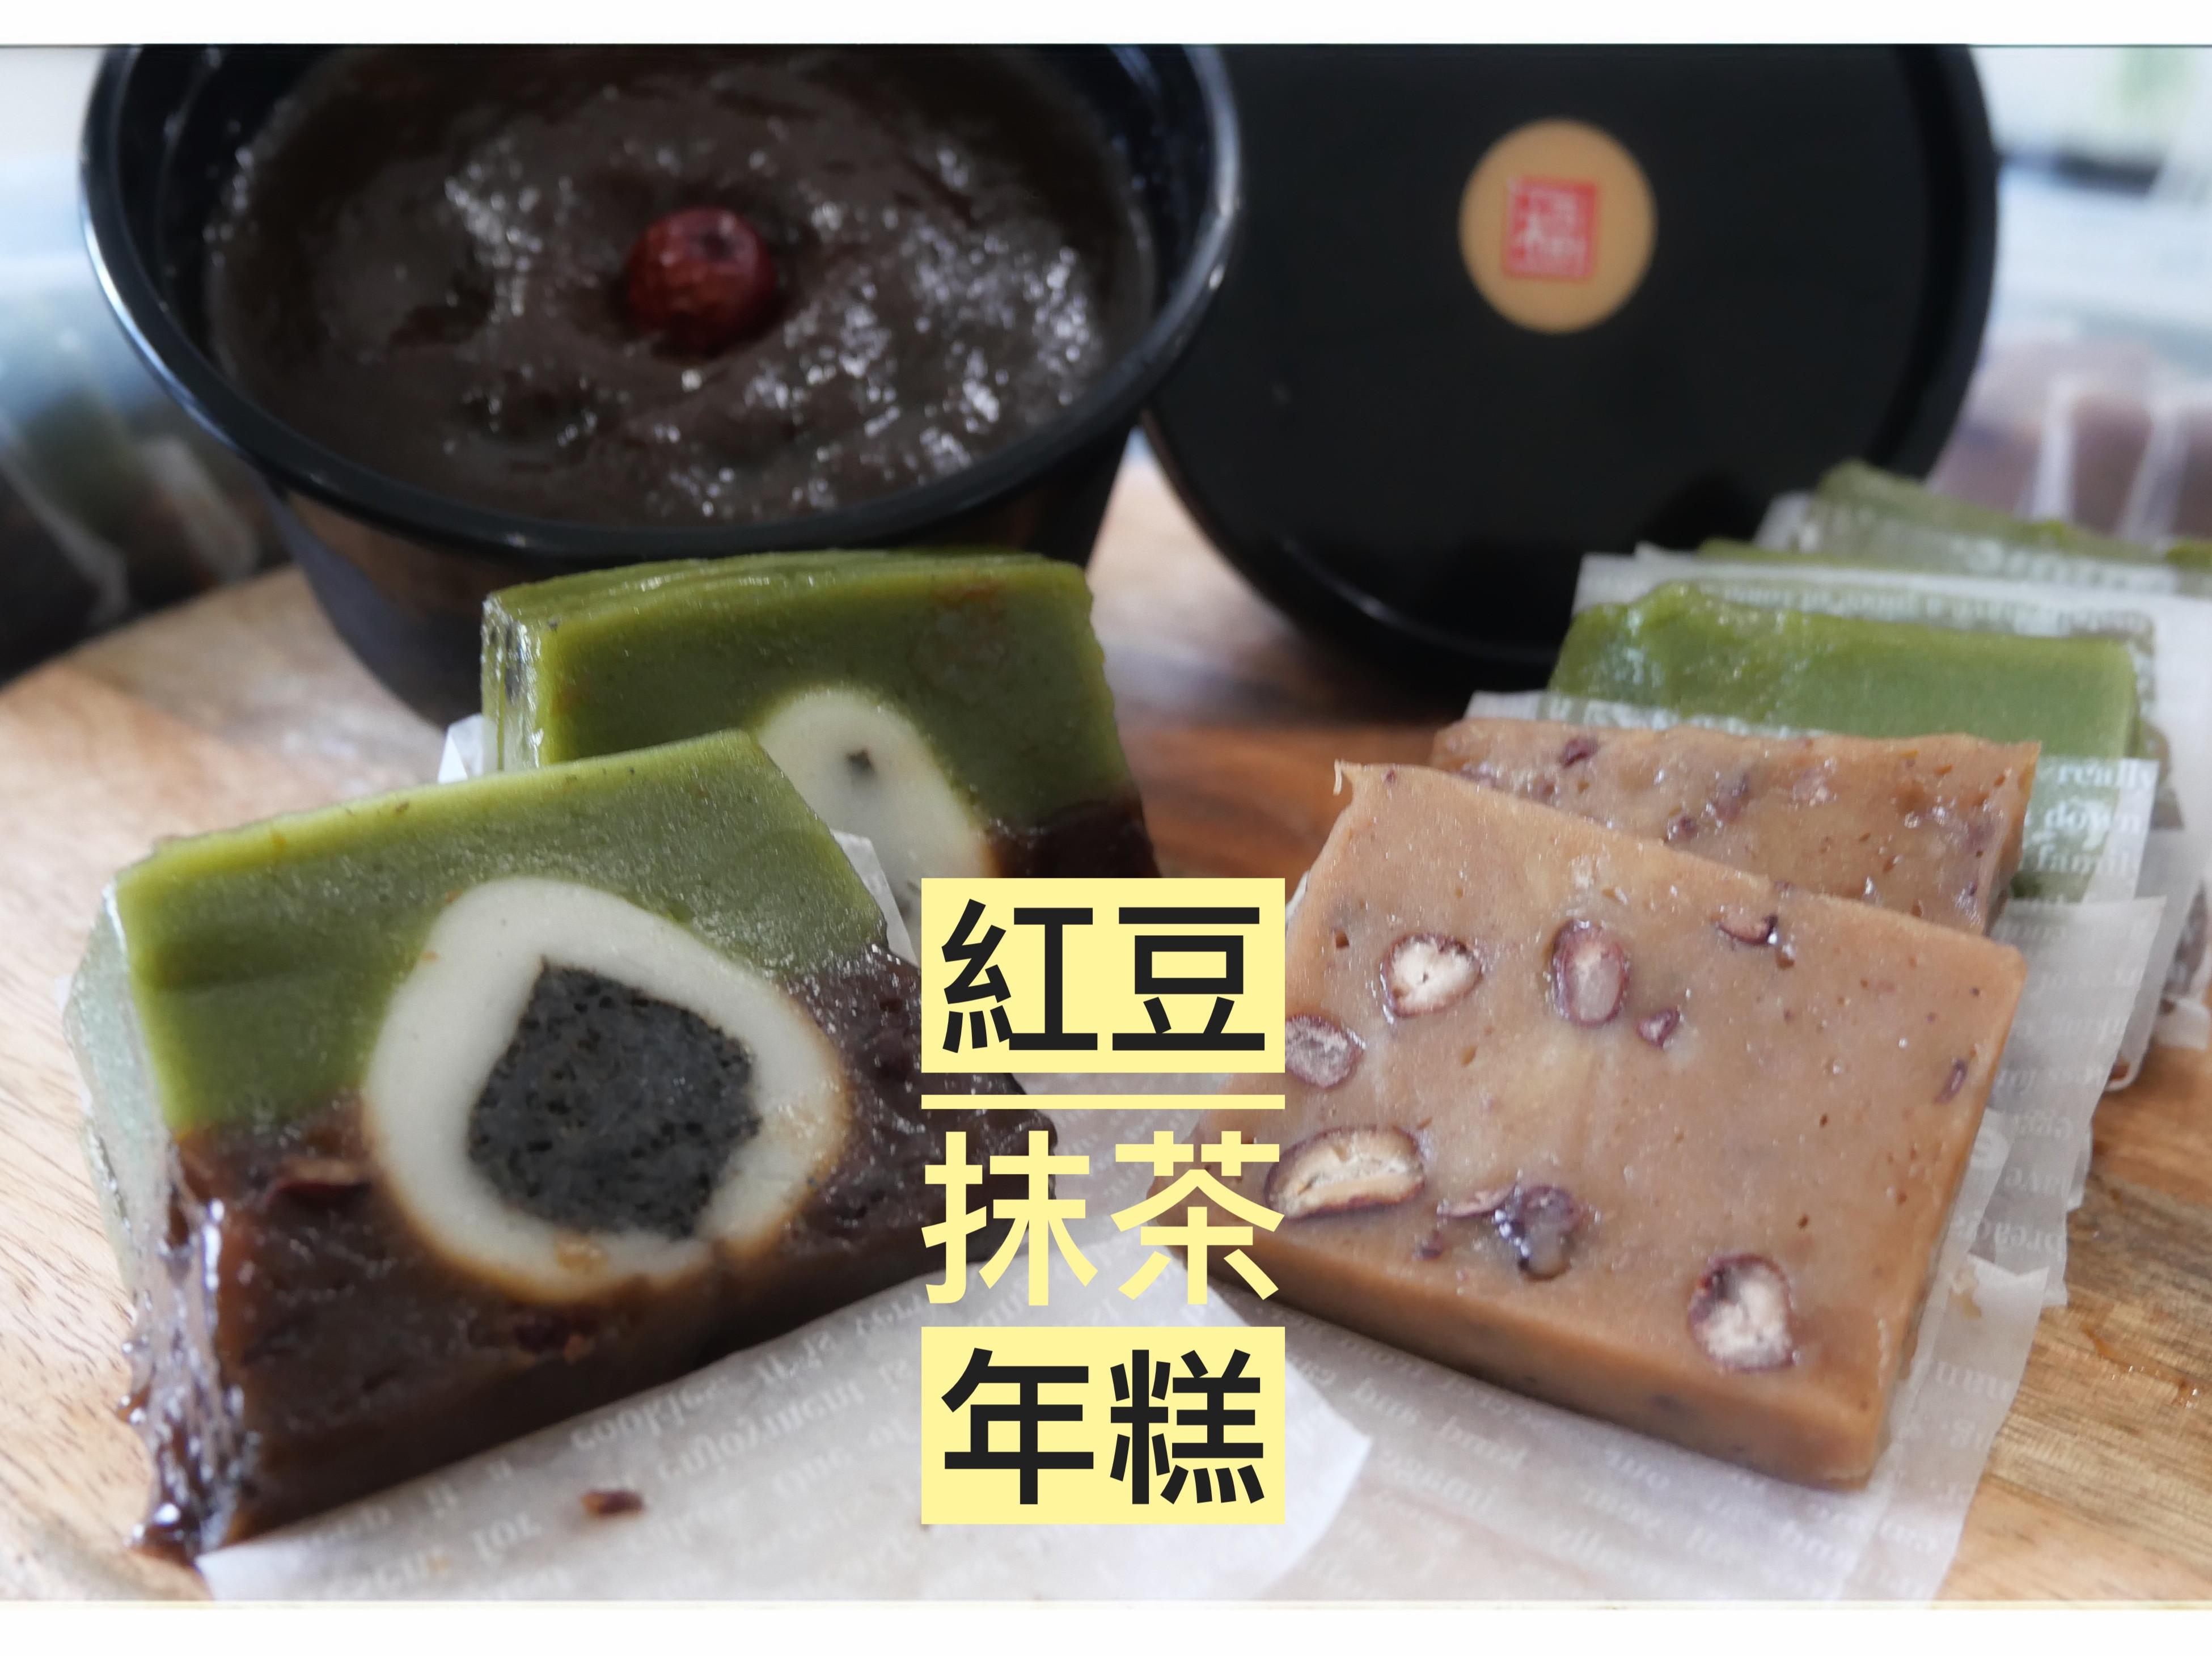 紅豆抹茶年糕 ~鬆餅年糕新吃法!